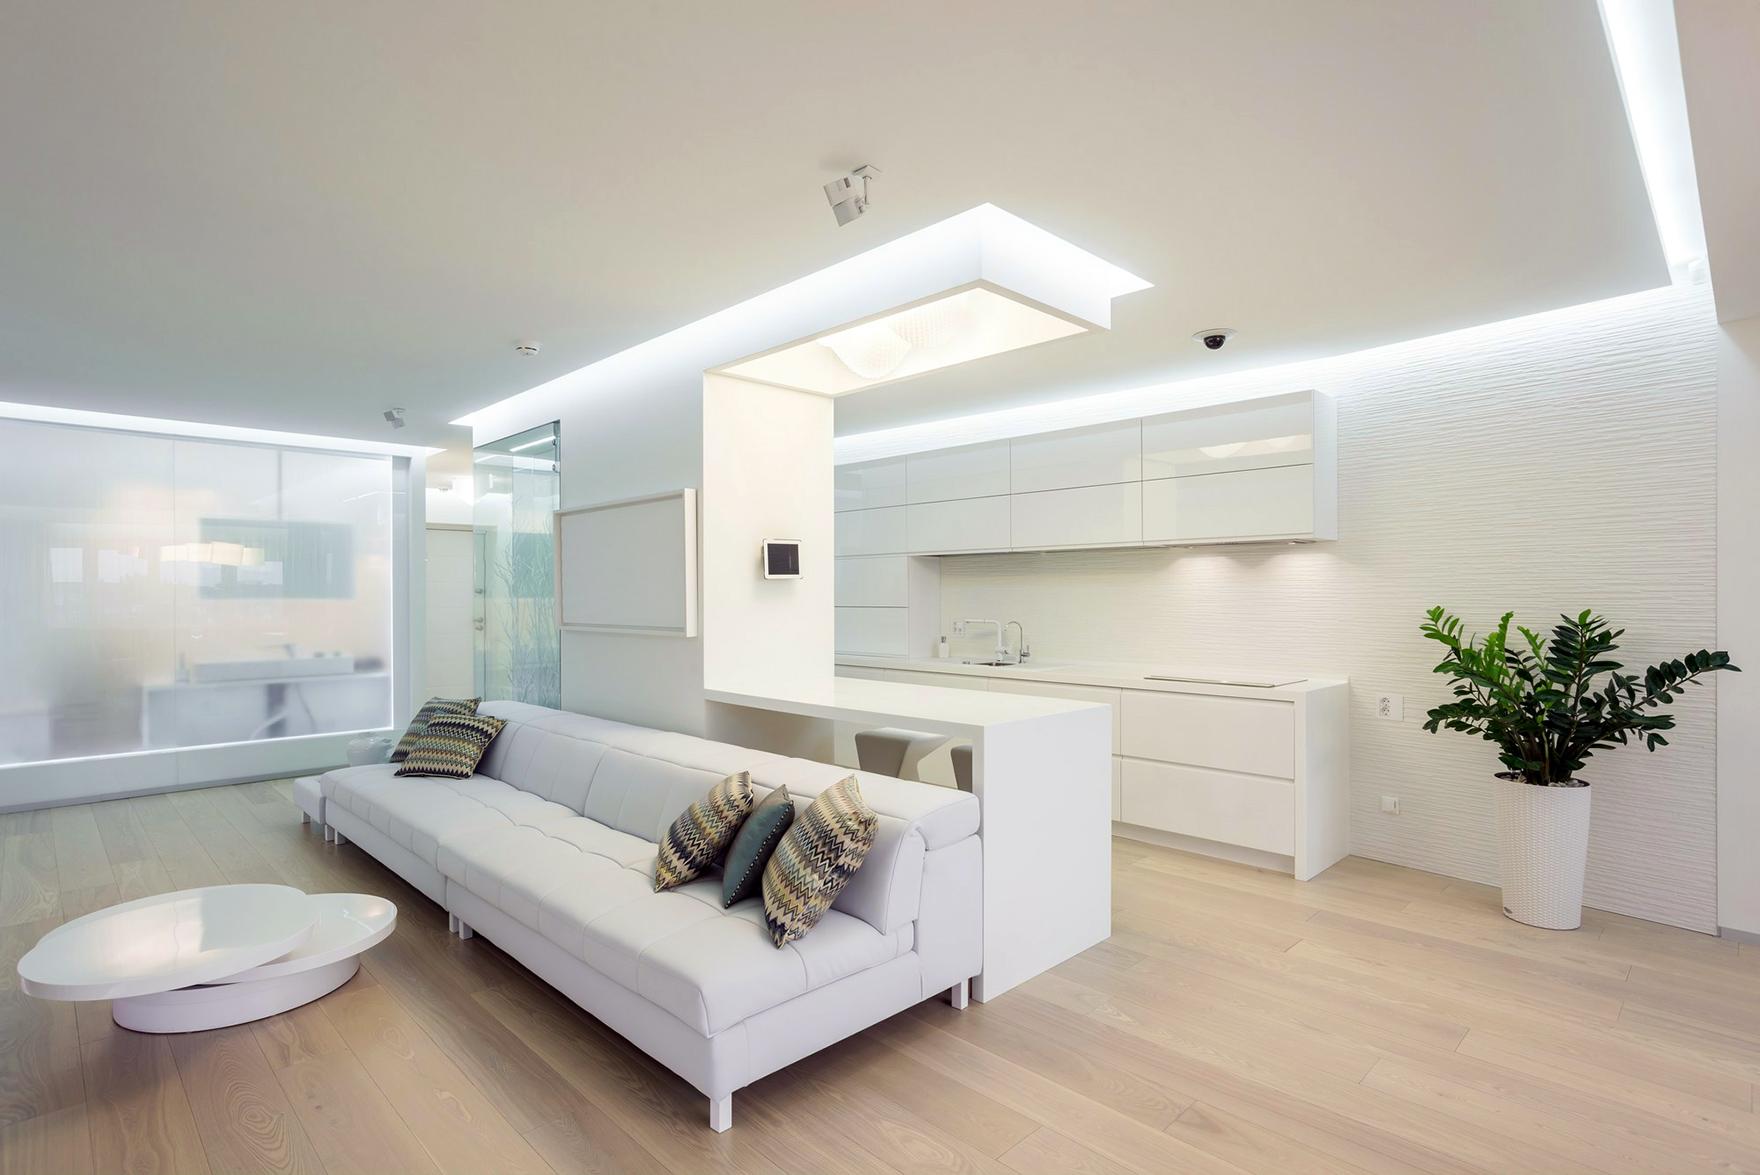 Интерьеры квартиры в темно-светлых тонах 20 фото Фото дизайн квартир в светлых тонах